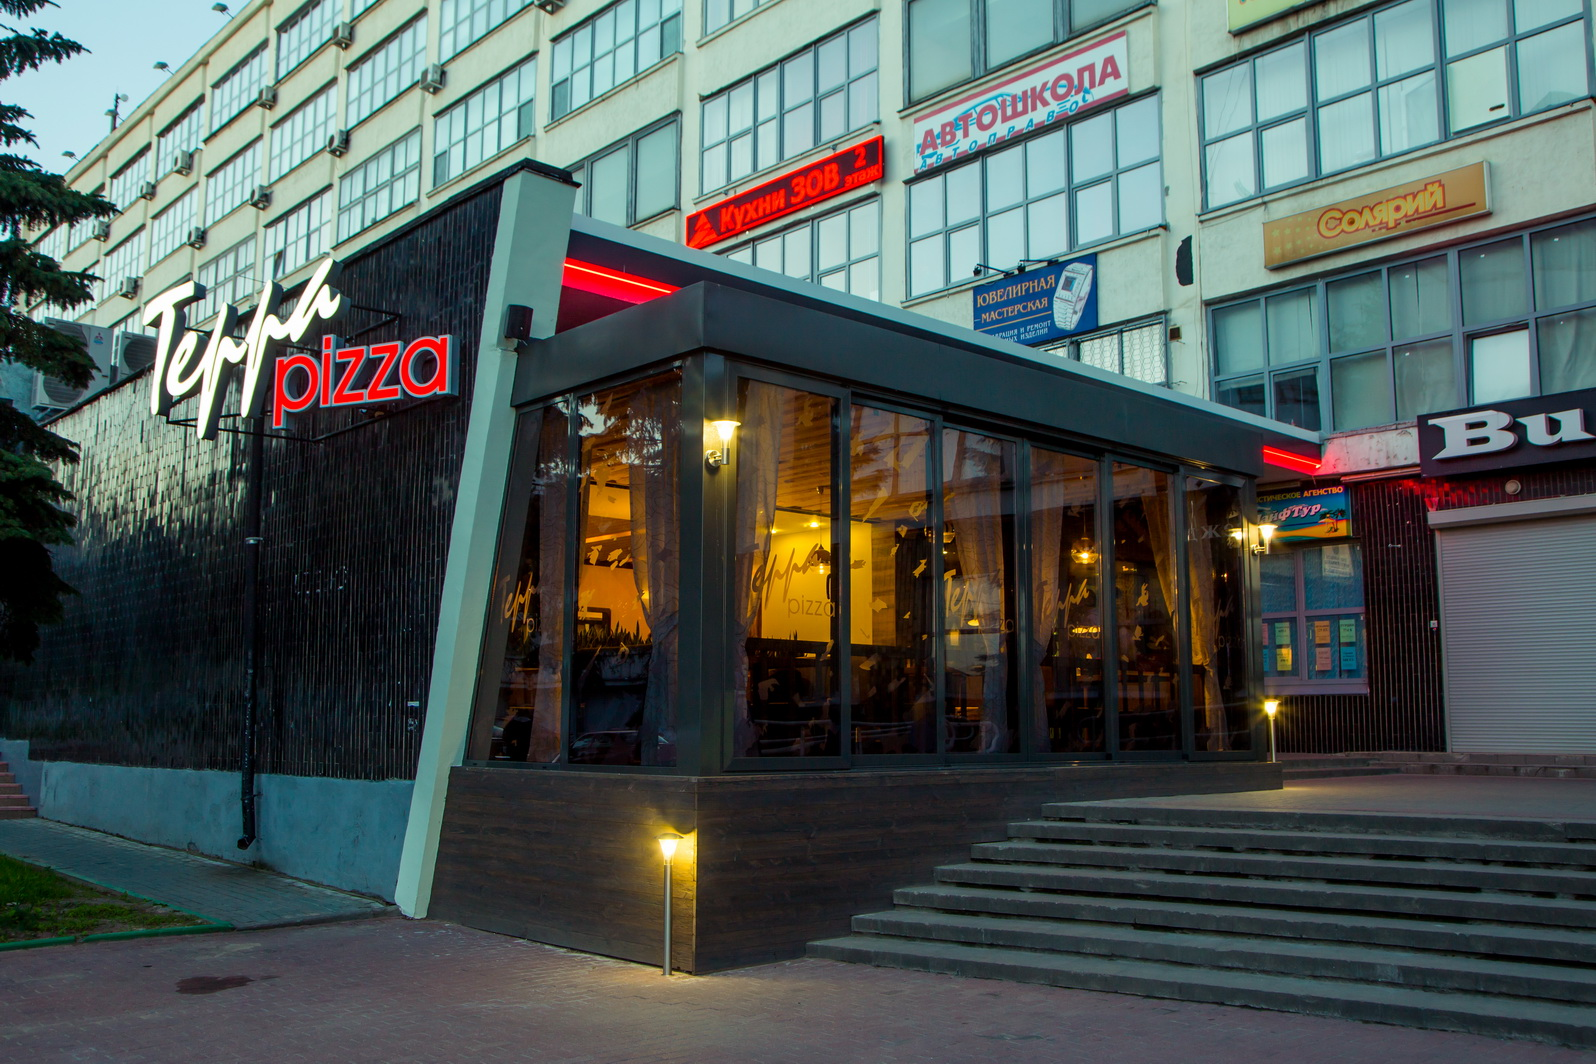 Terra pizza - Партизанская